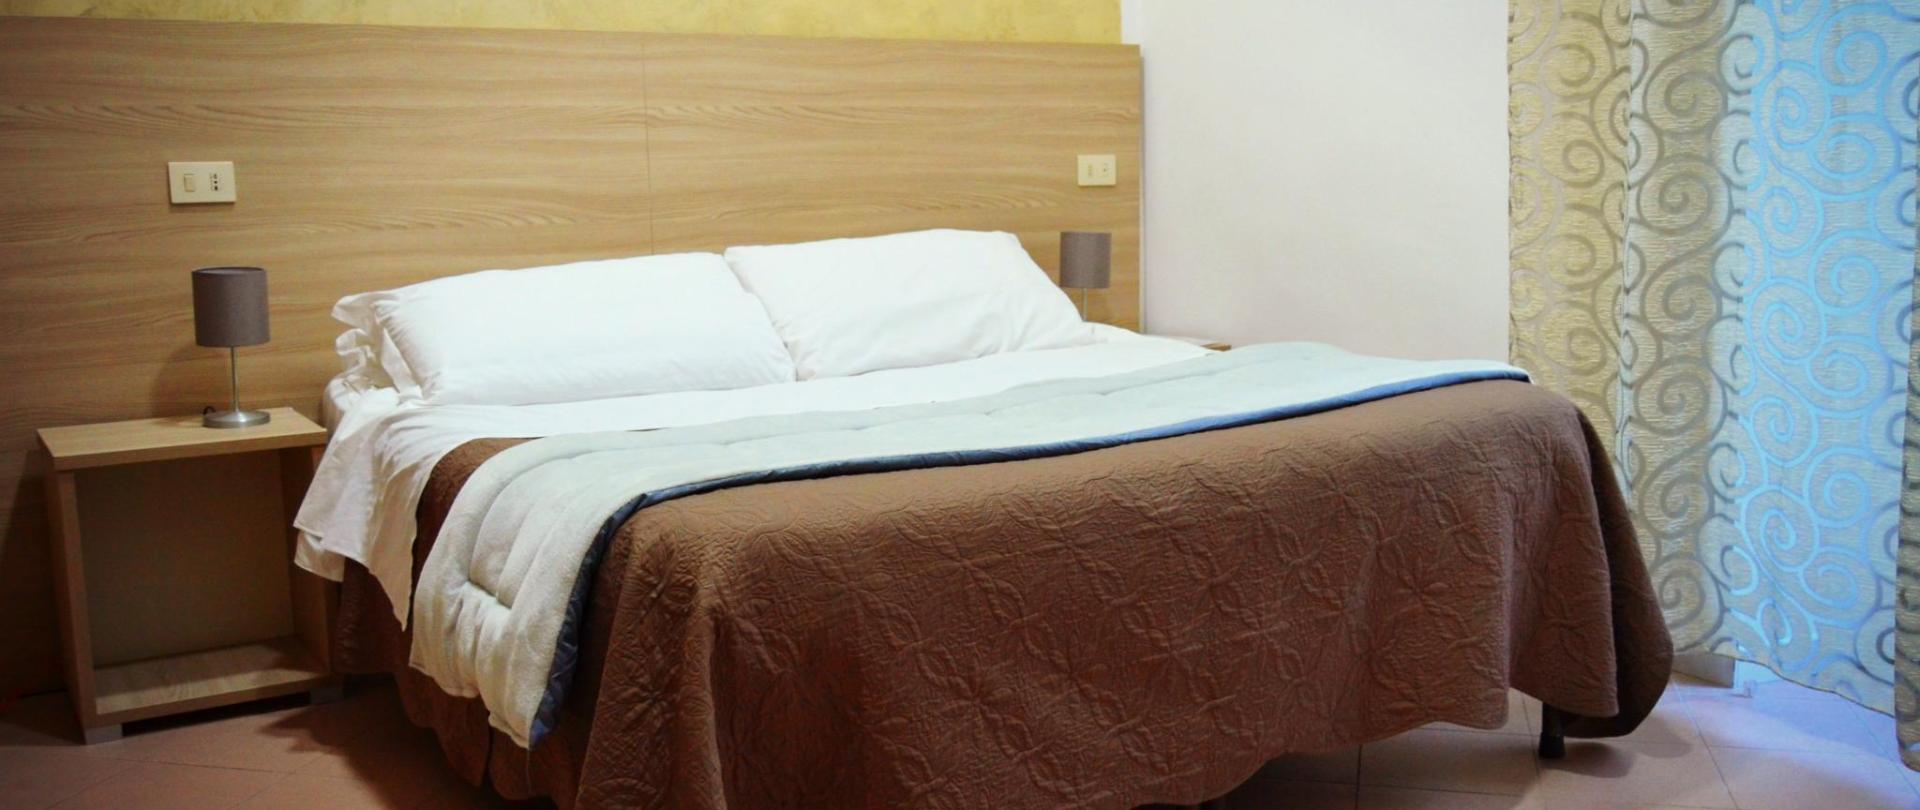 7gen19 Hotel (9) mod3.jpg